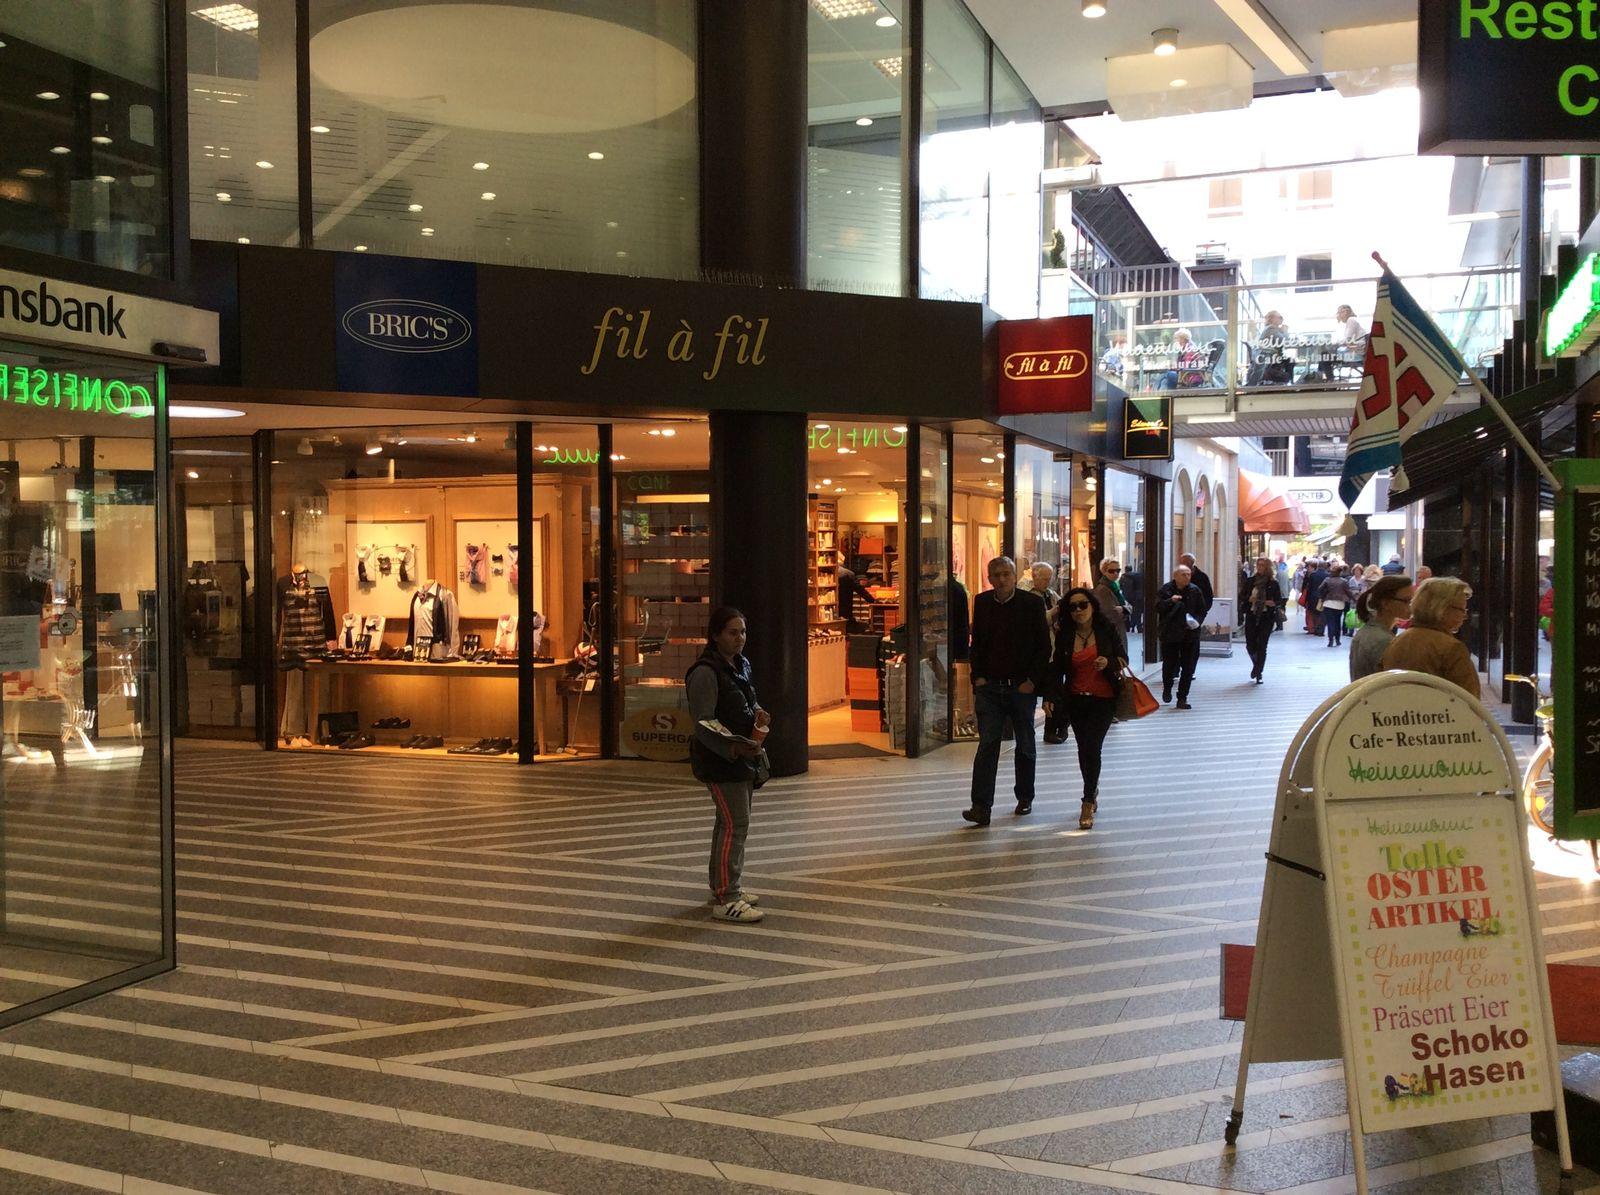 EDWARD'S in Düsseldorf (Bild 5)